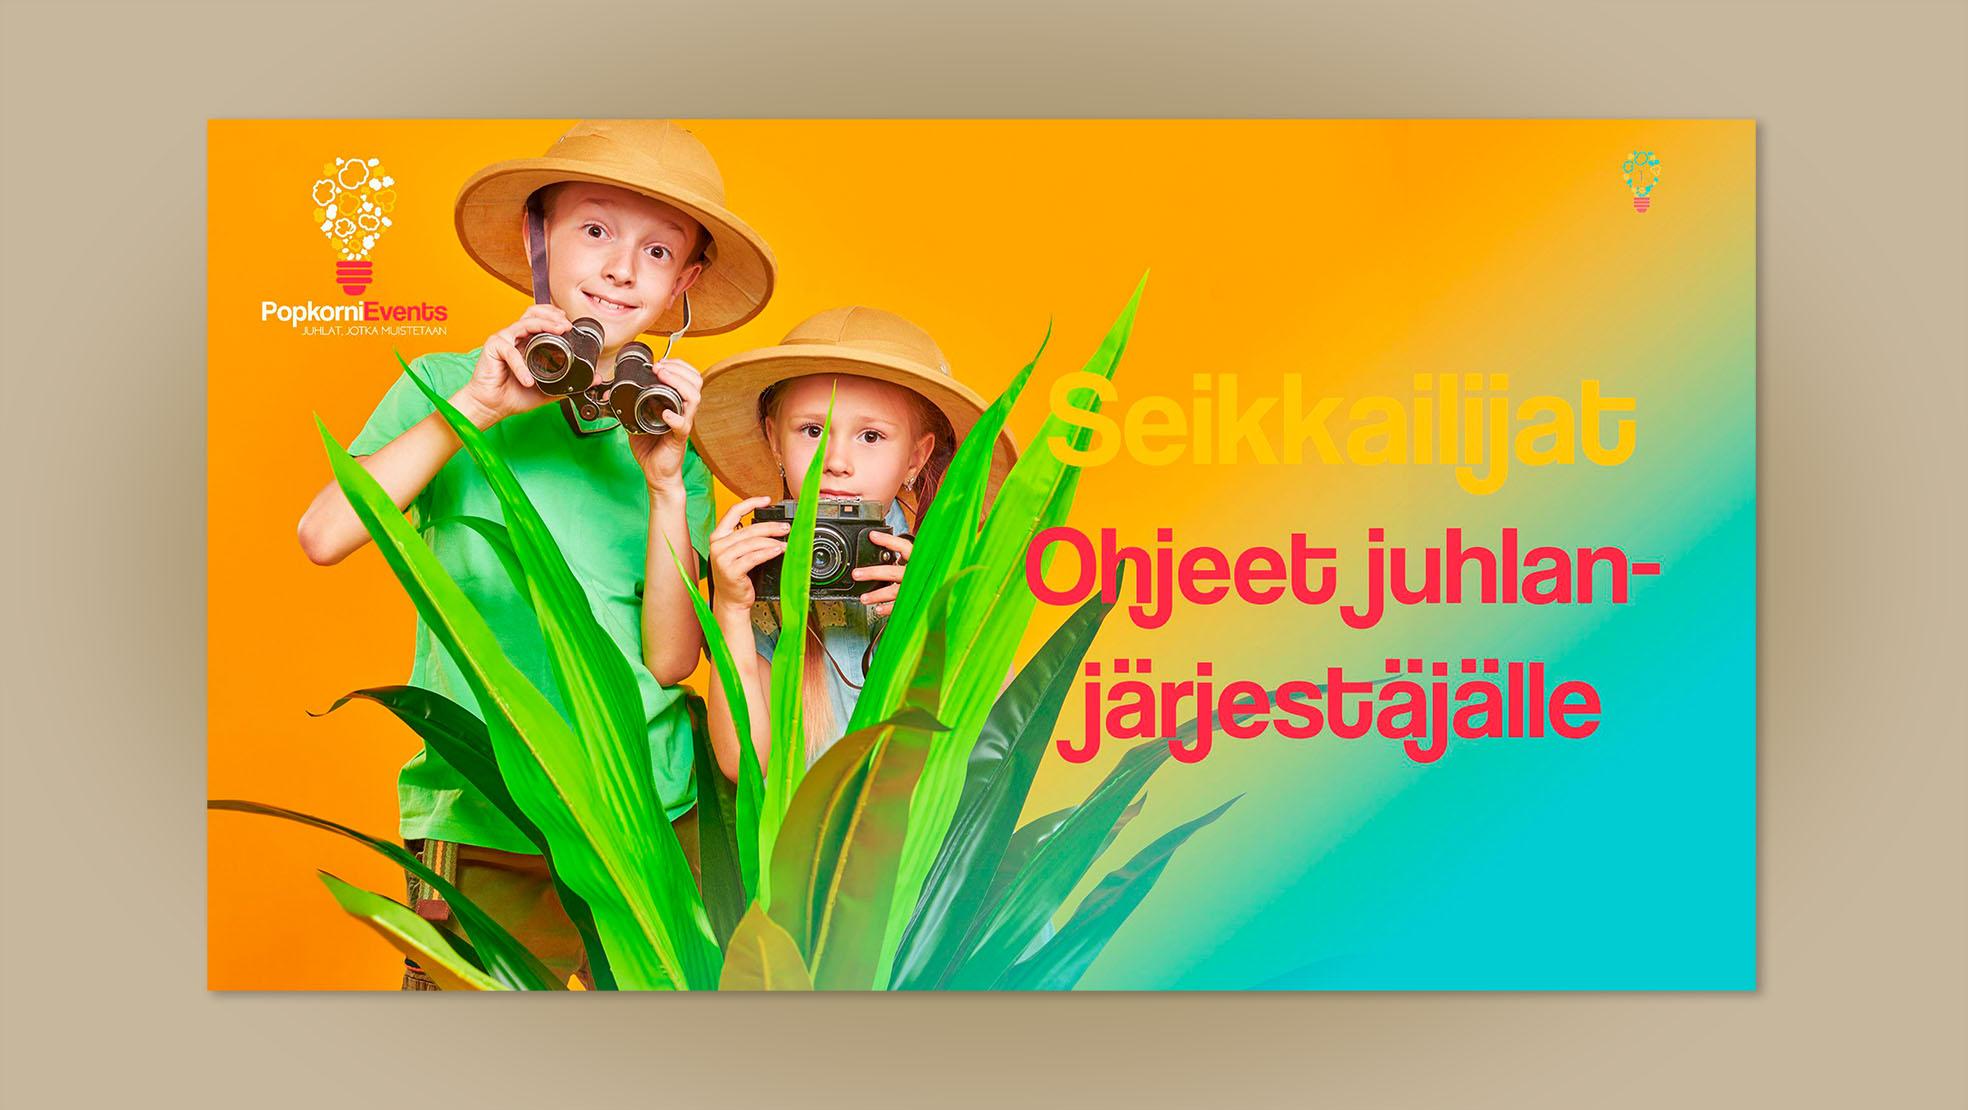 Popkorni Events Seikkailijat digitaalinen juhlapaketti selviytyjät tyyliin lastenjuhlat